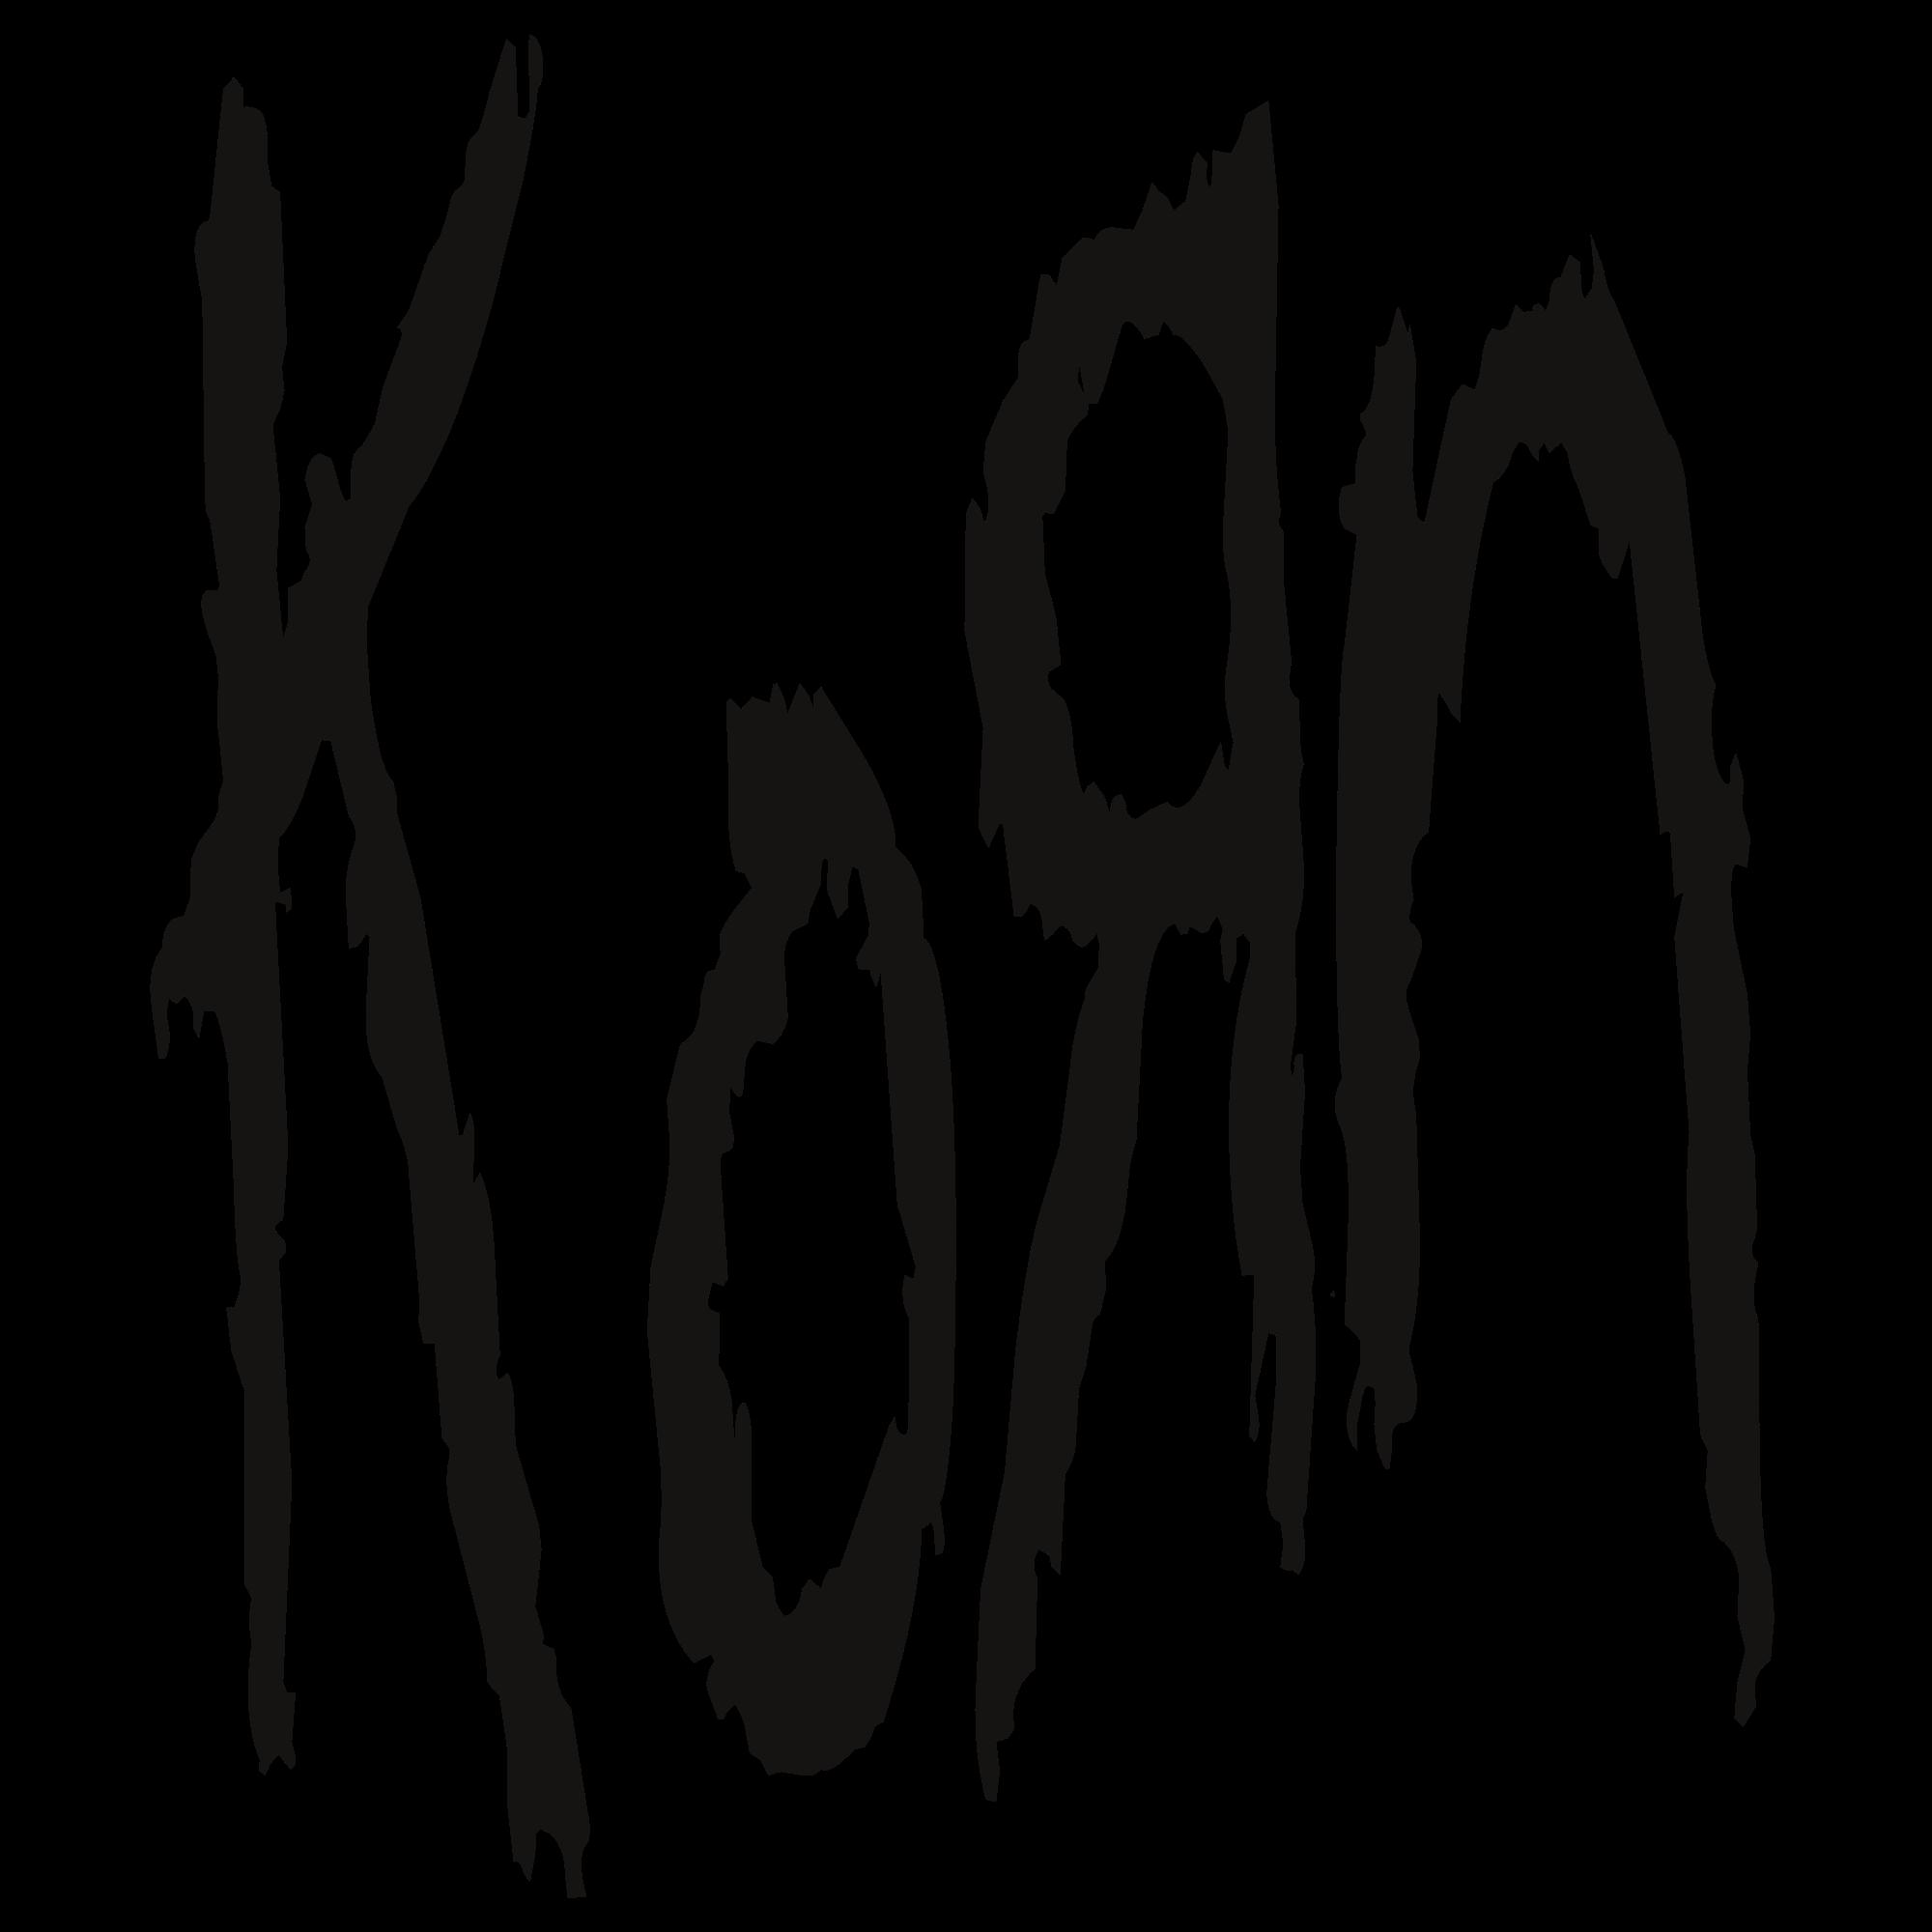 korn_logo_black-svg